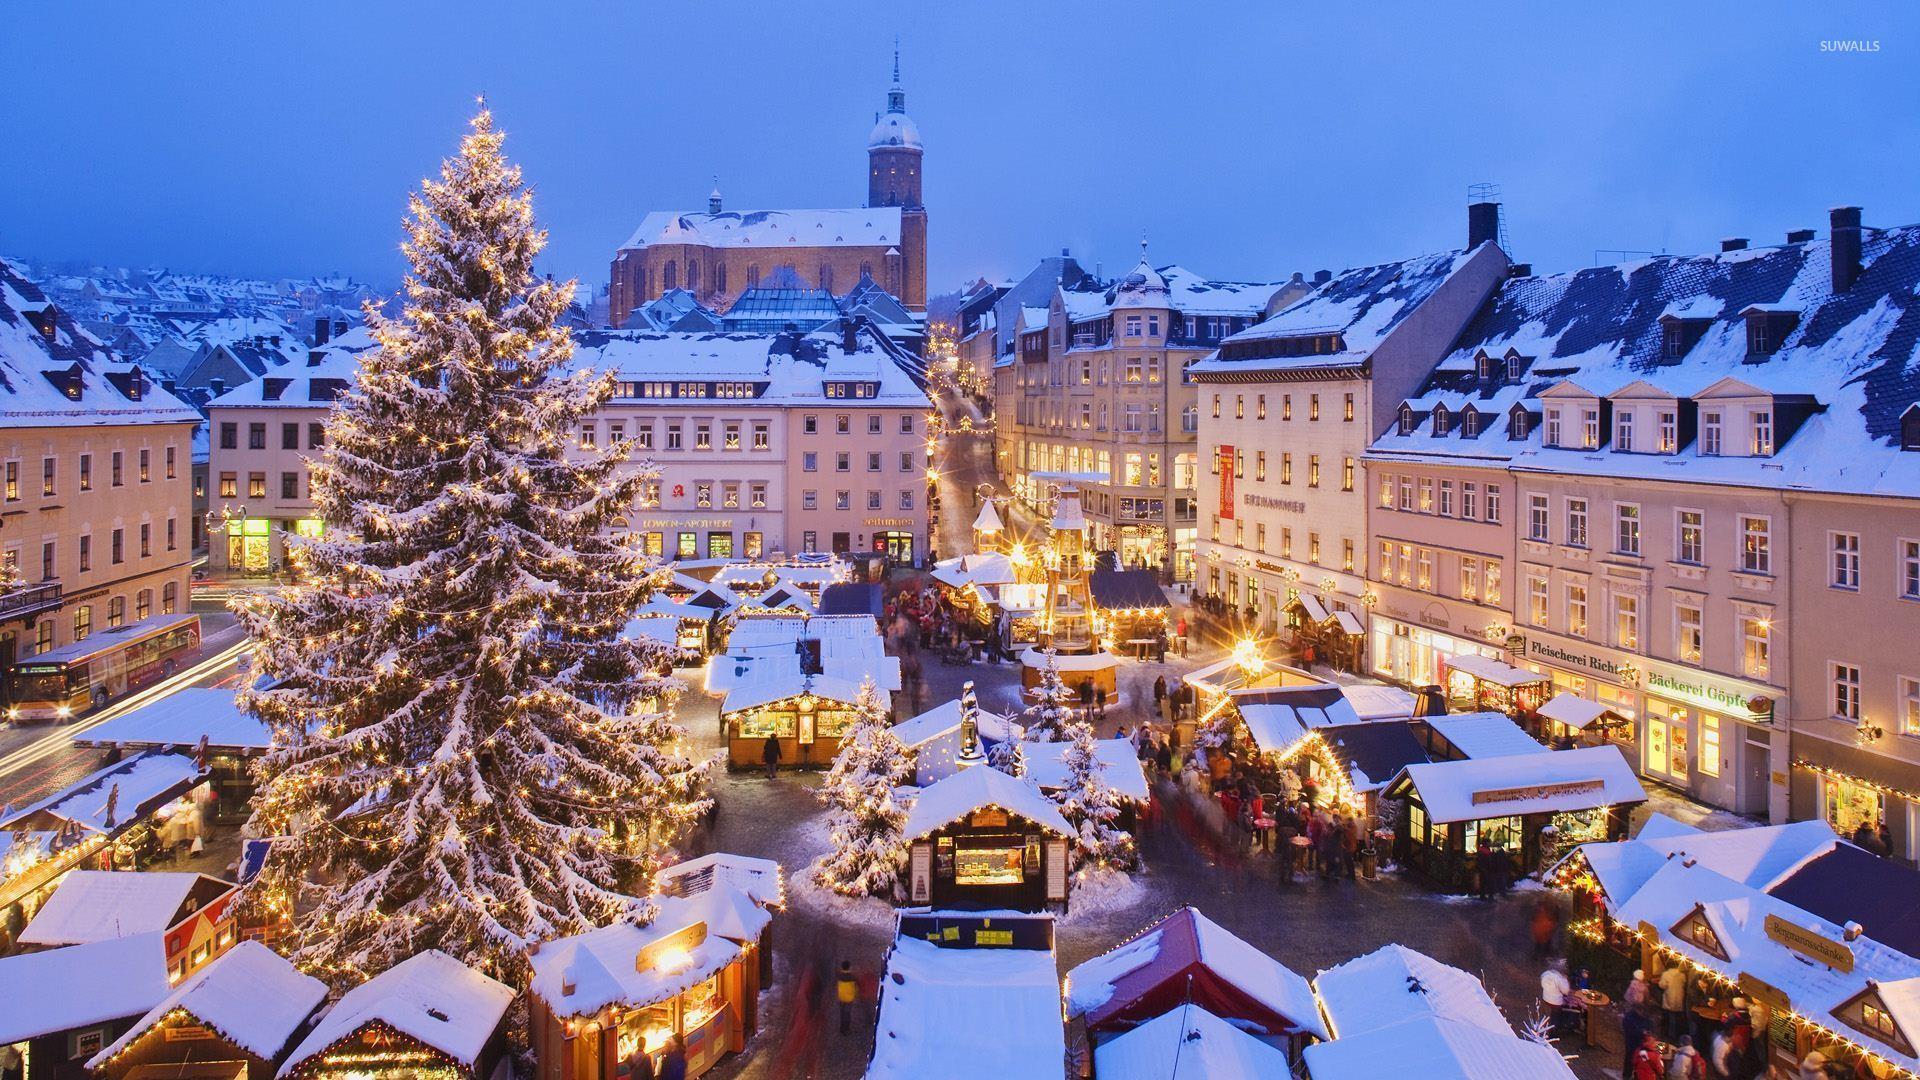 Munich Christmas Market wallpaper - World wallpapers - #51176